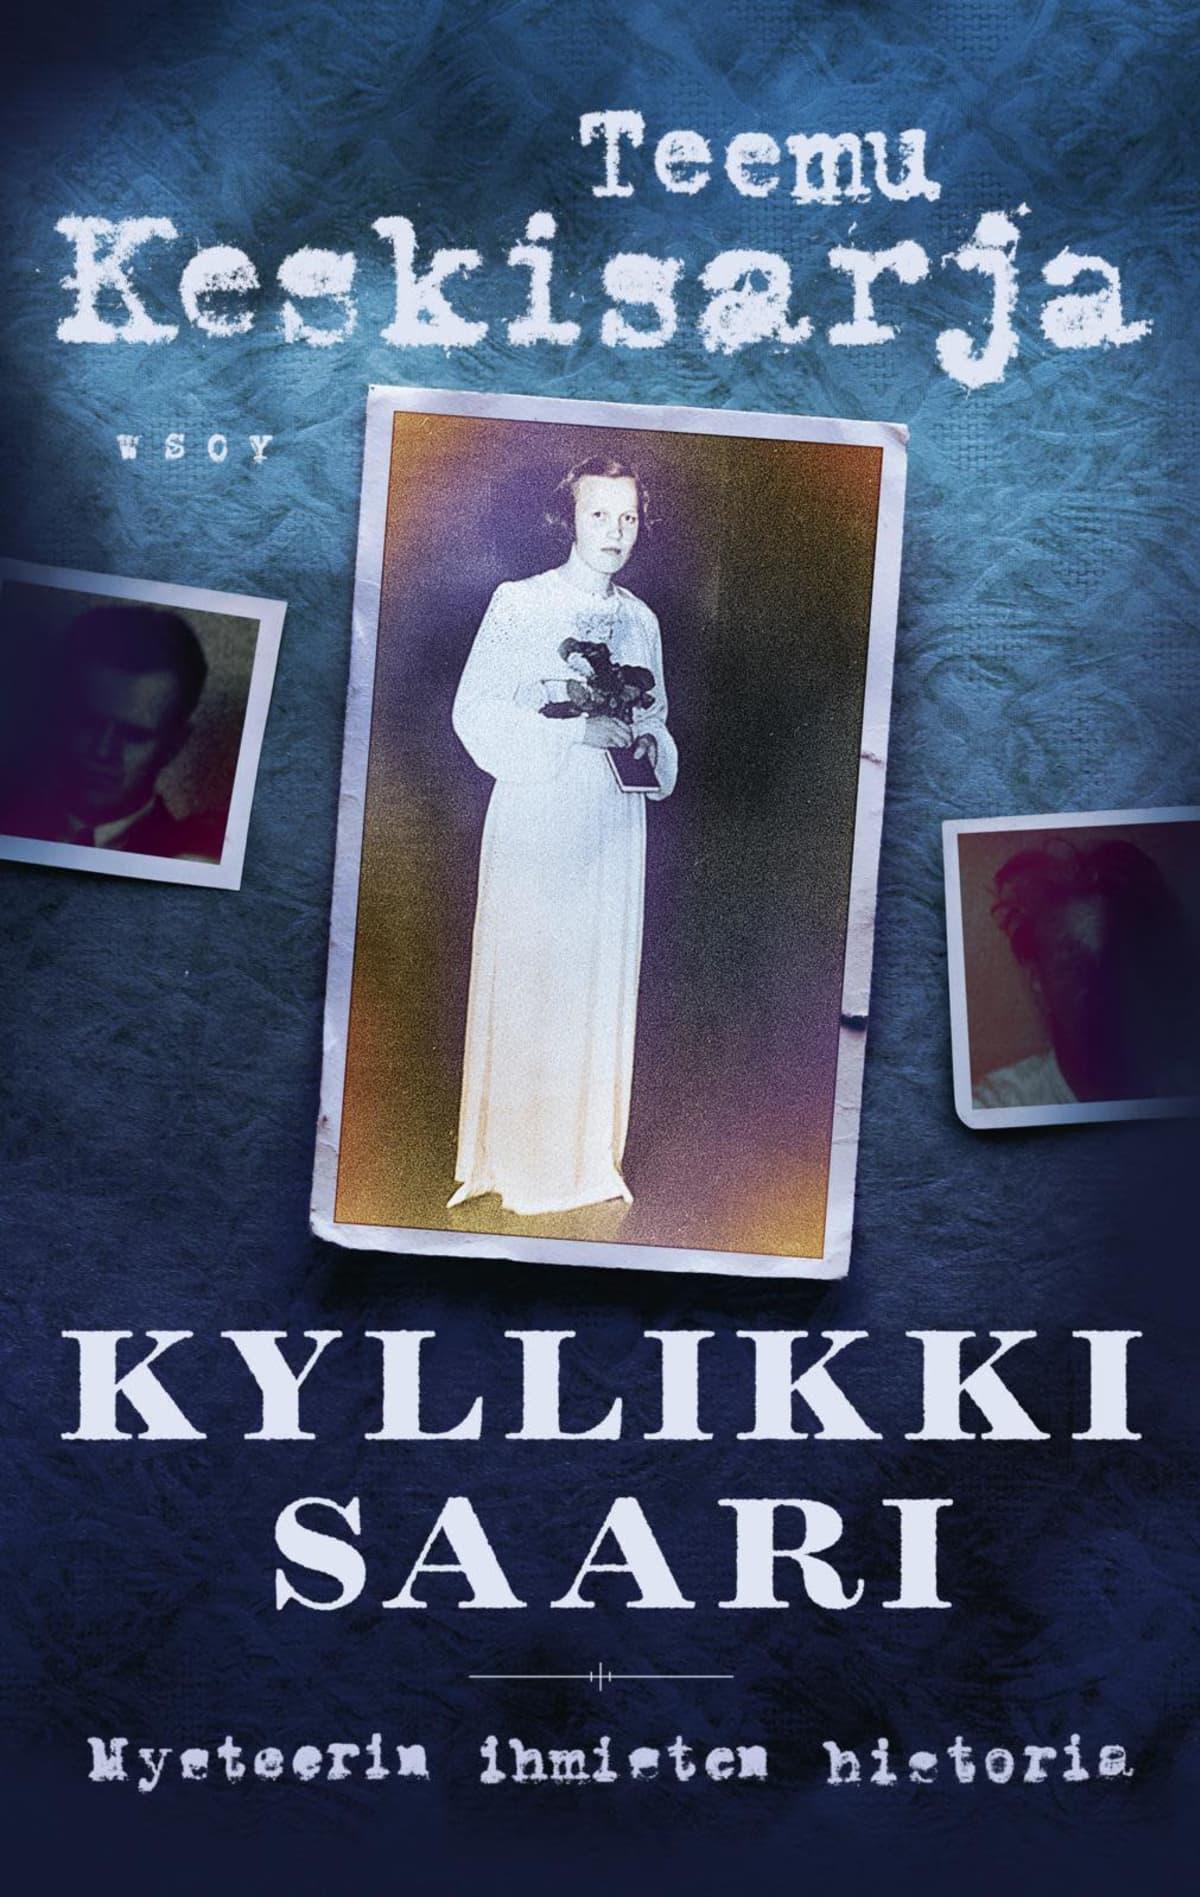 Kyllikki Saaren murhasta kertovan kirjan kansi.